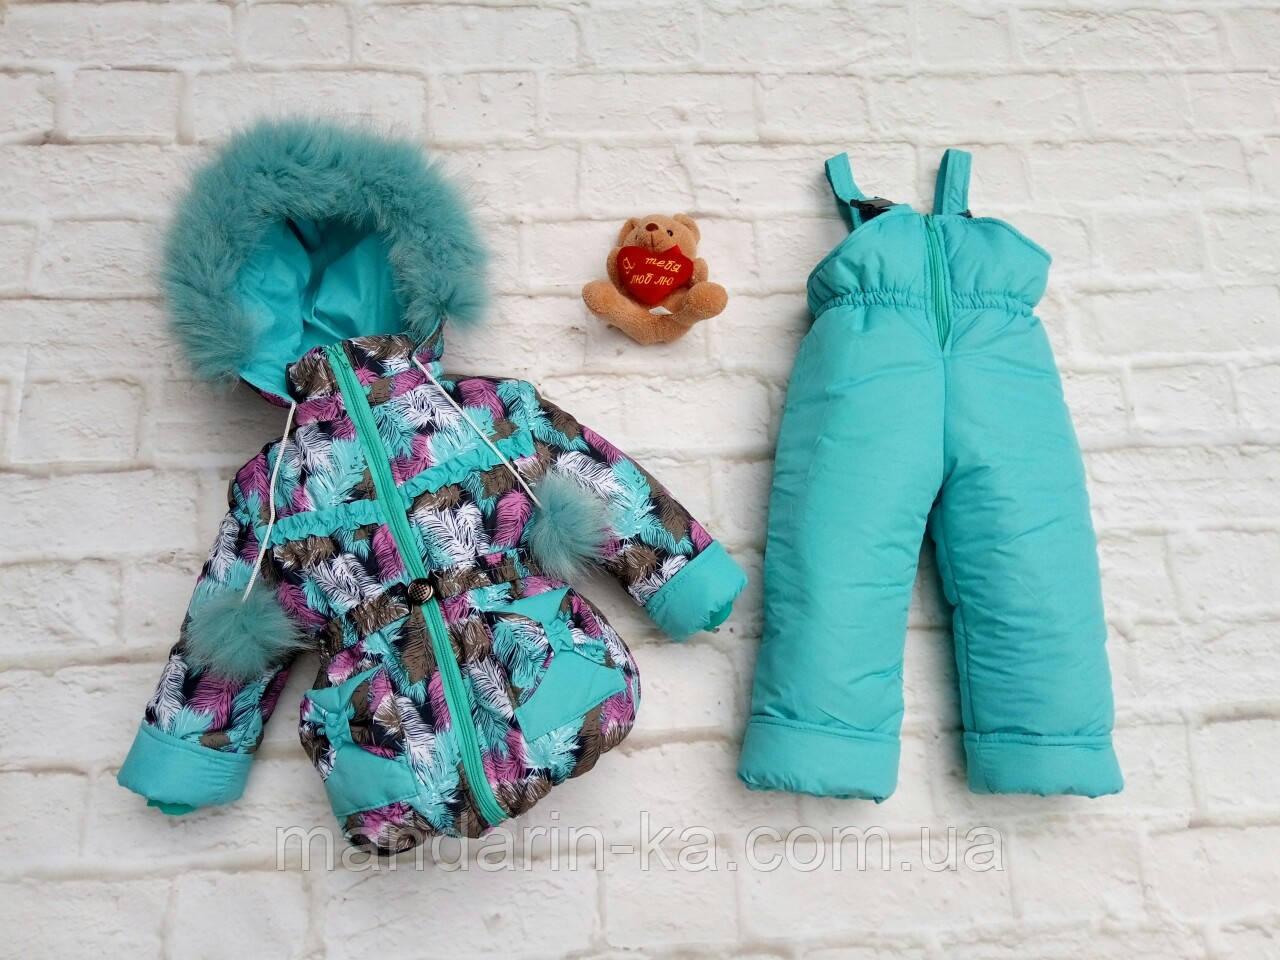 Зимний  детский  голубой  раздельный  комбинезон